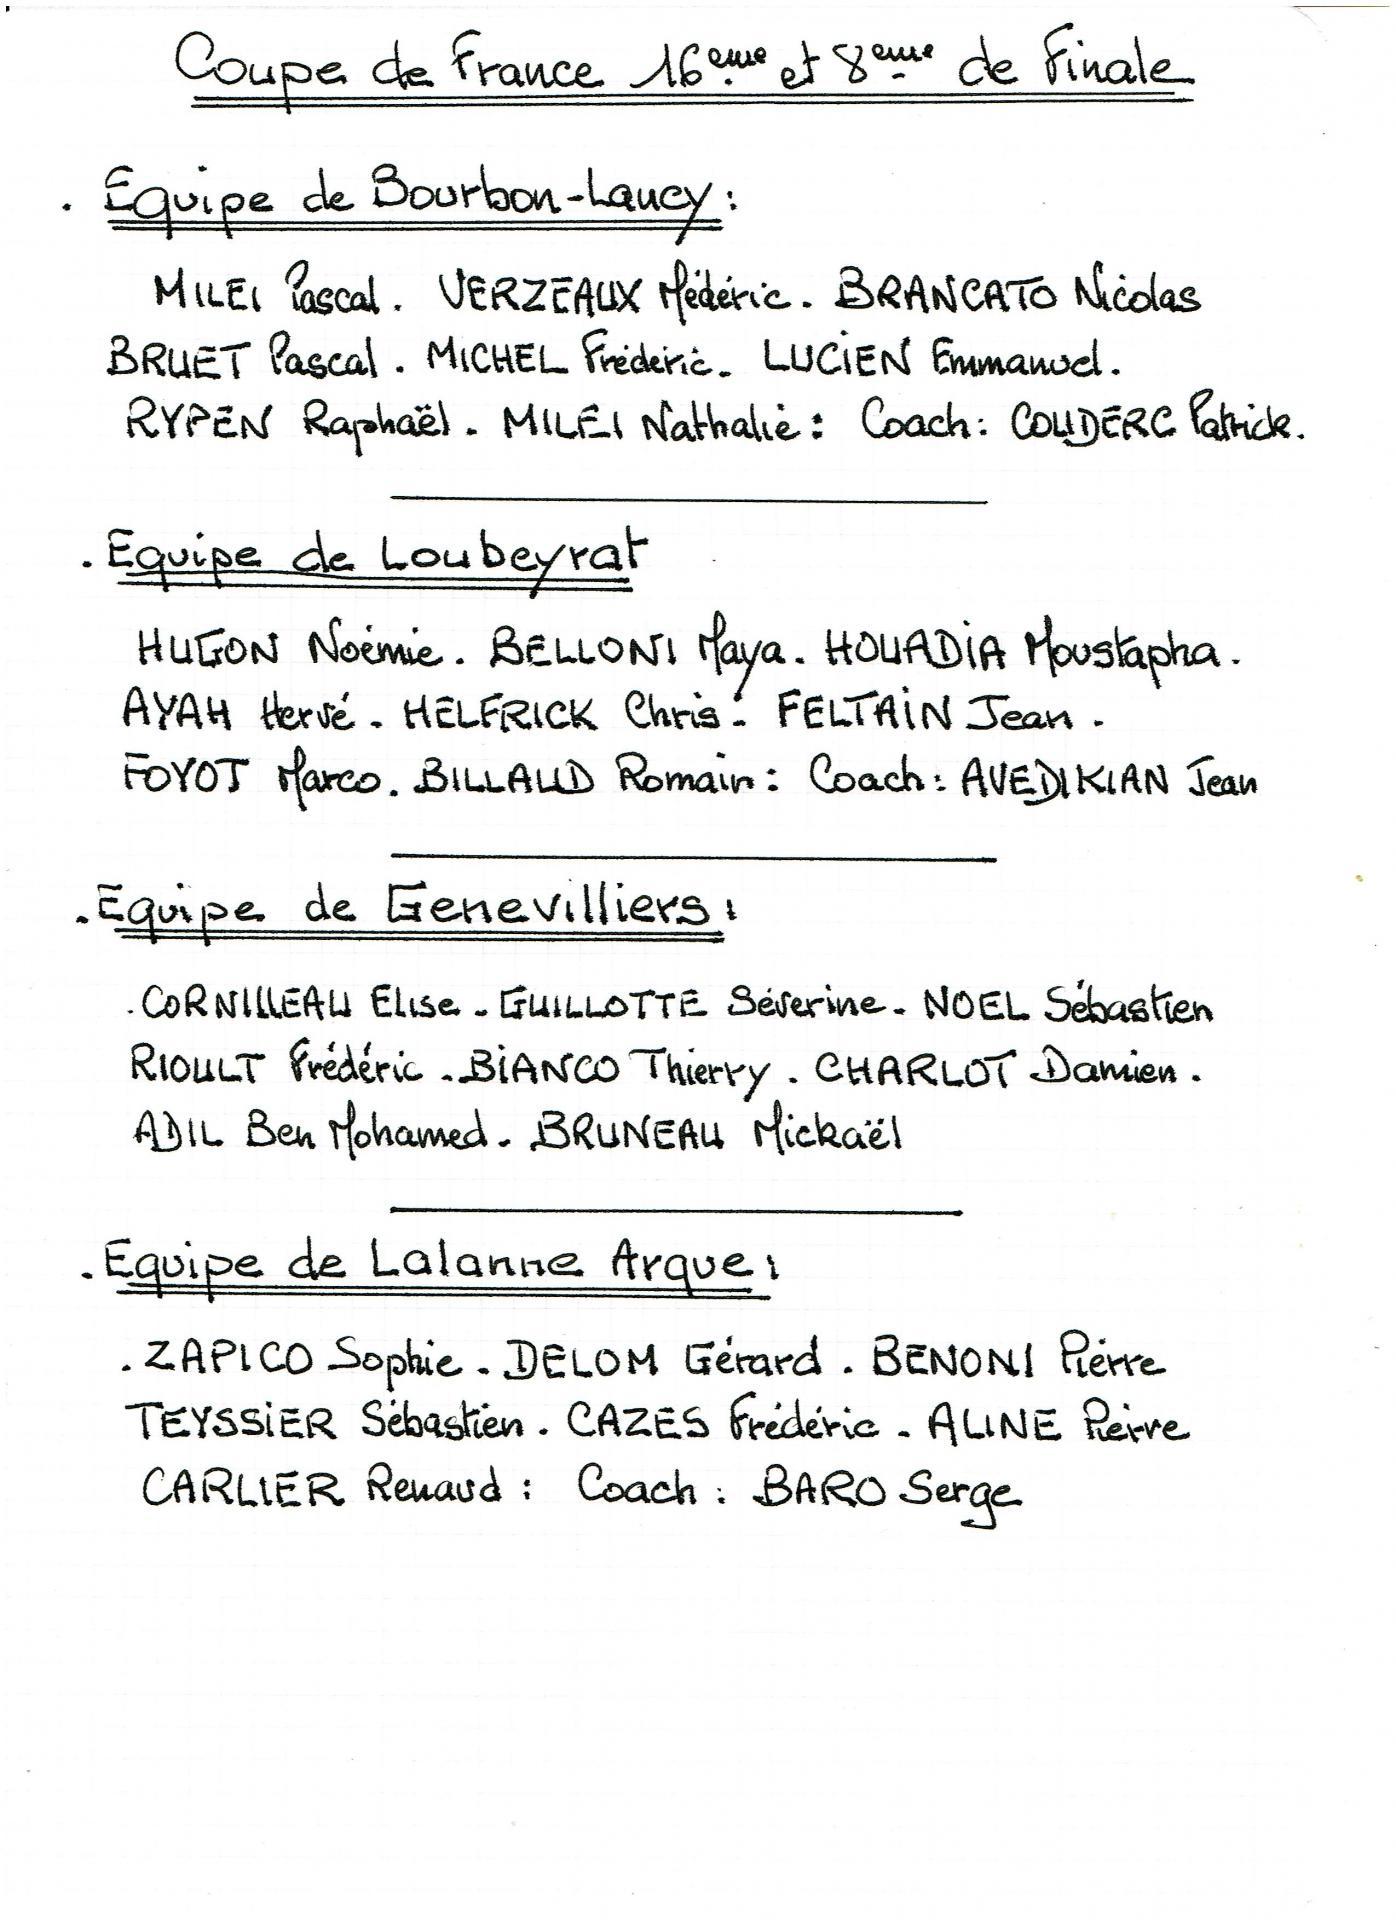 Composition des equipes